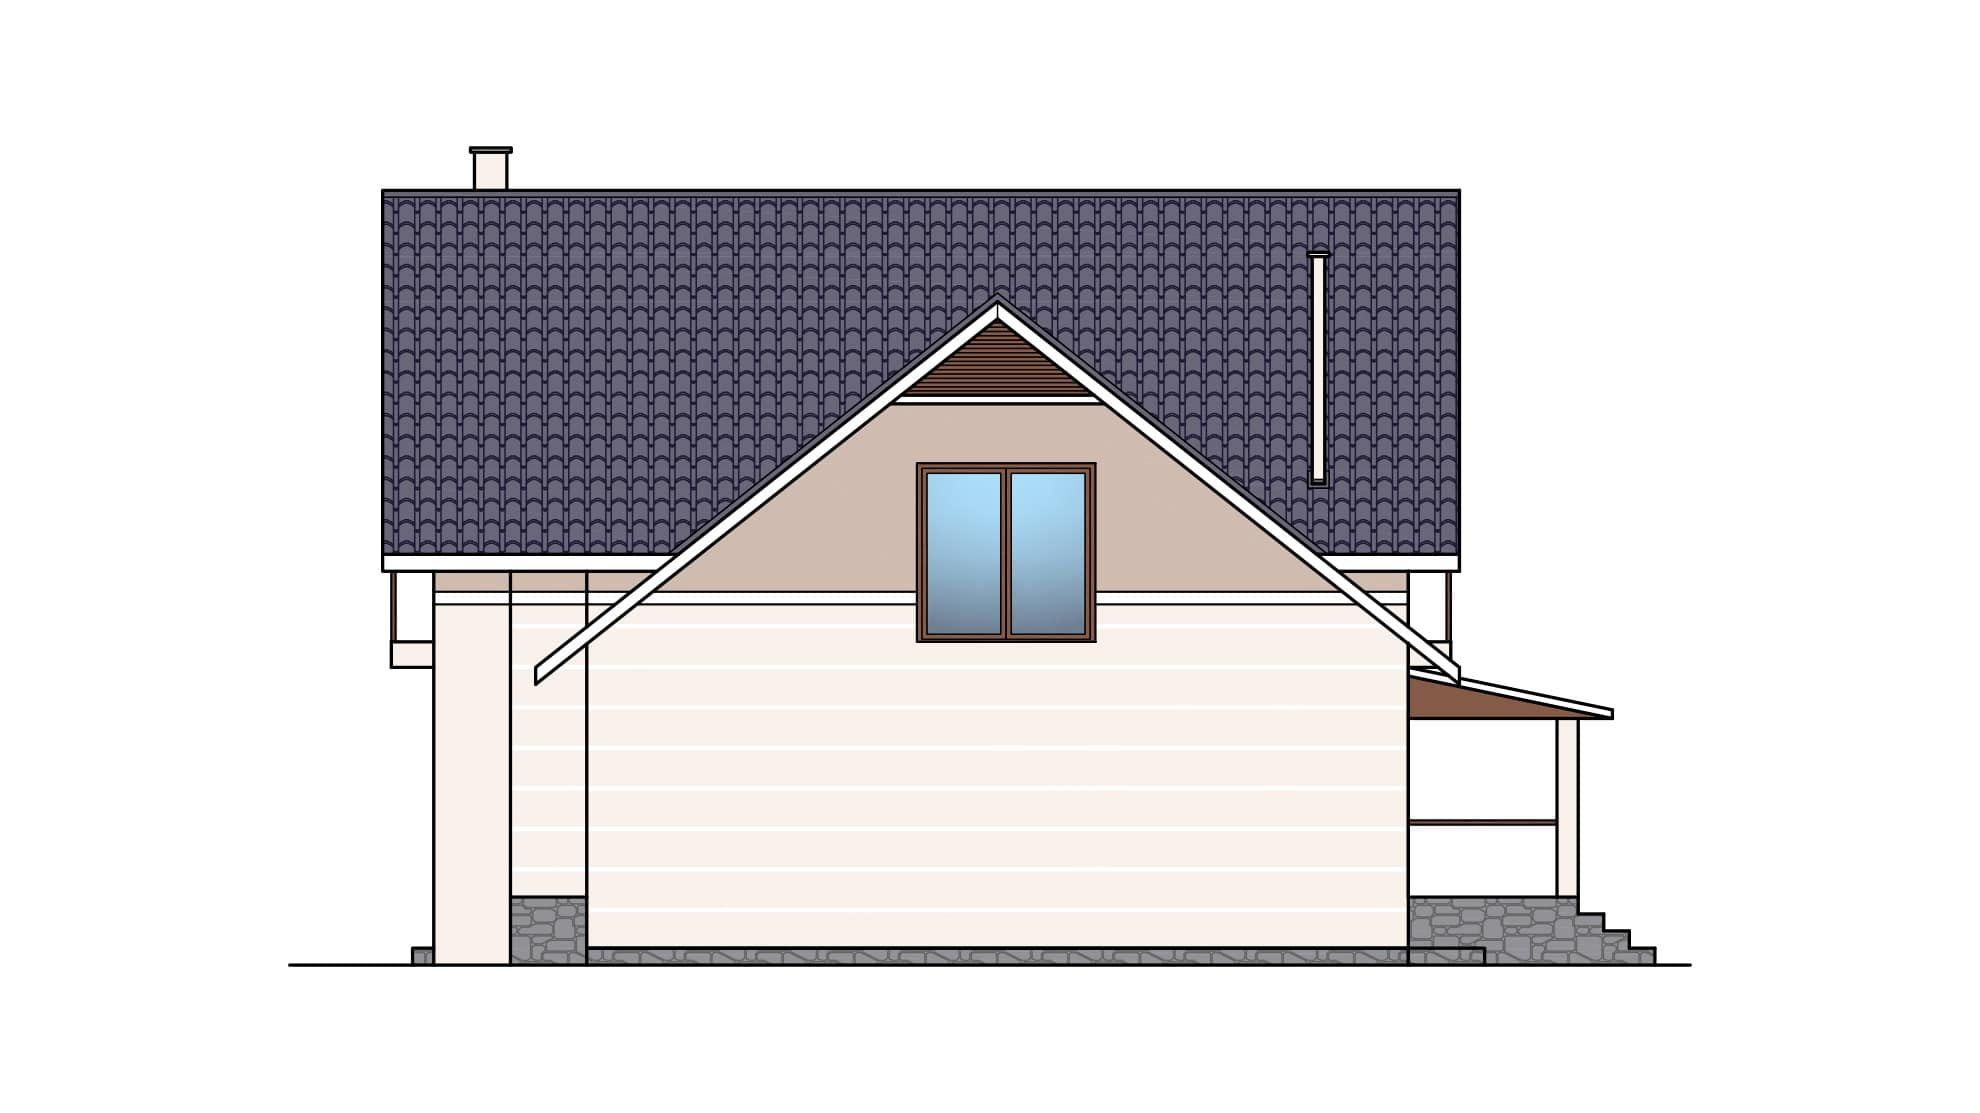 Фасад мансардного дома с гаражом, террасой и балконом «КМ-26» - справа